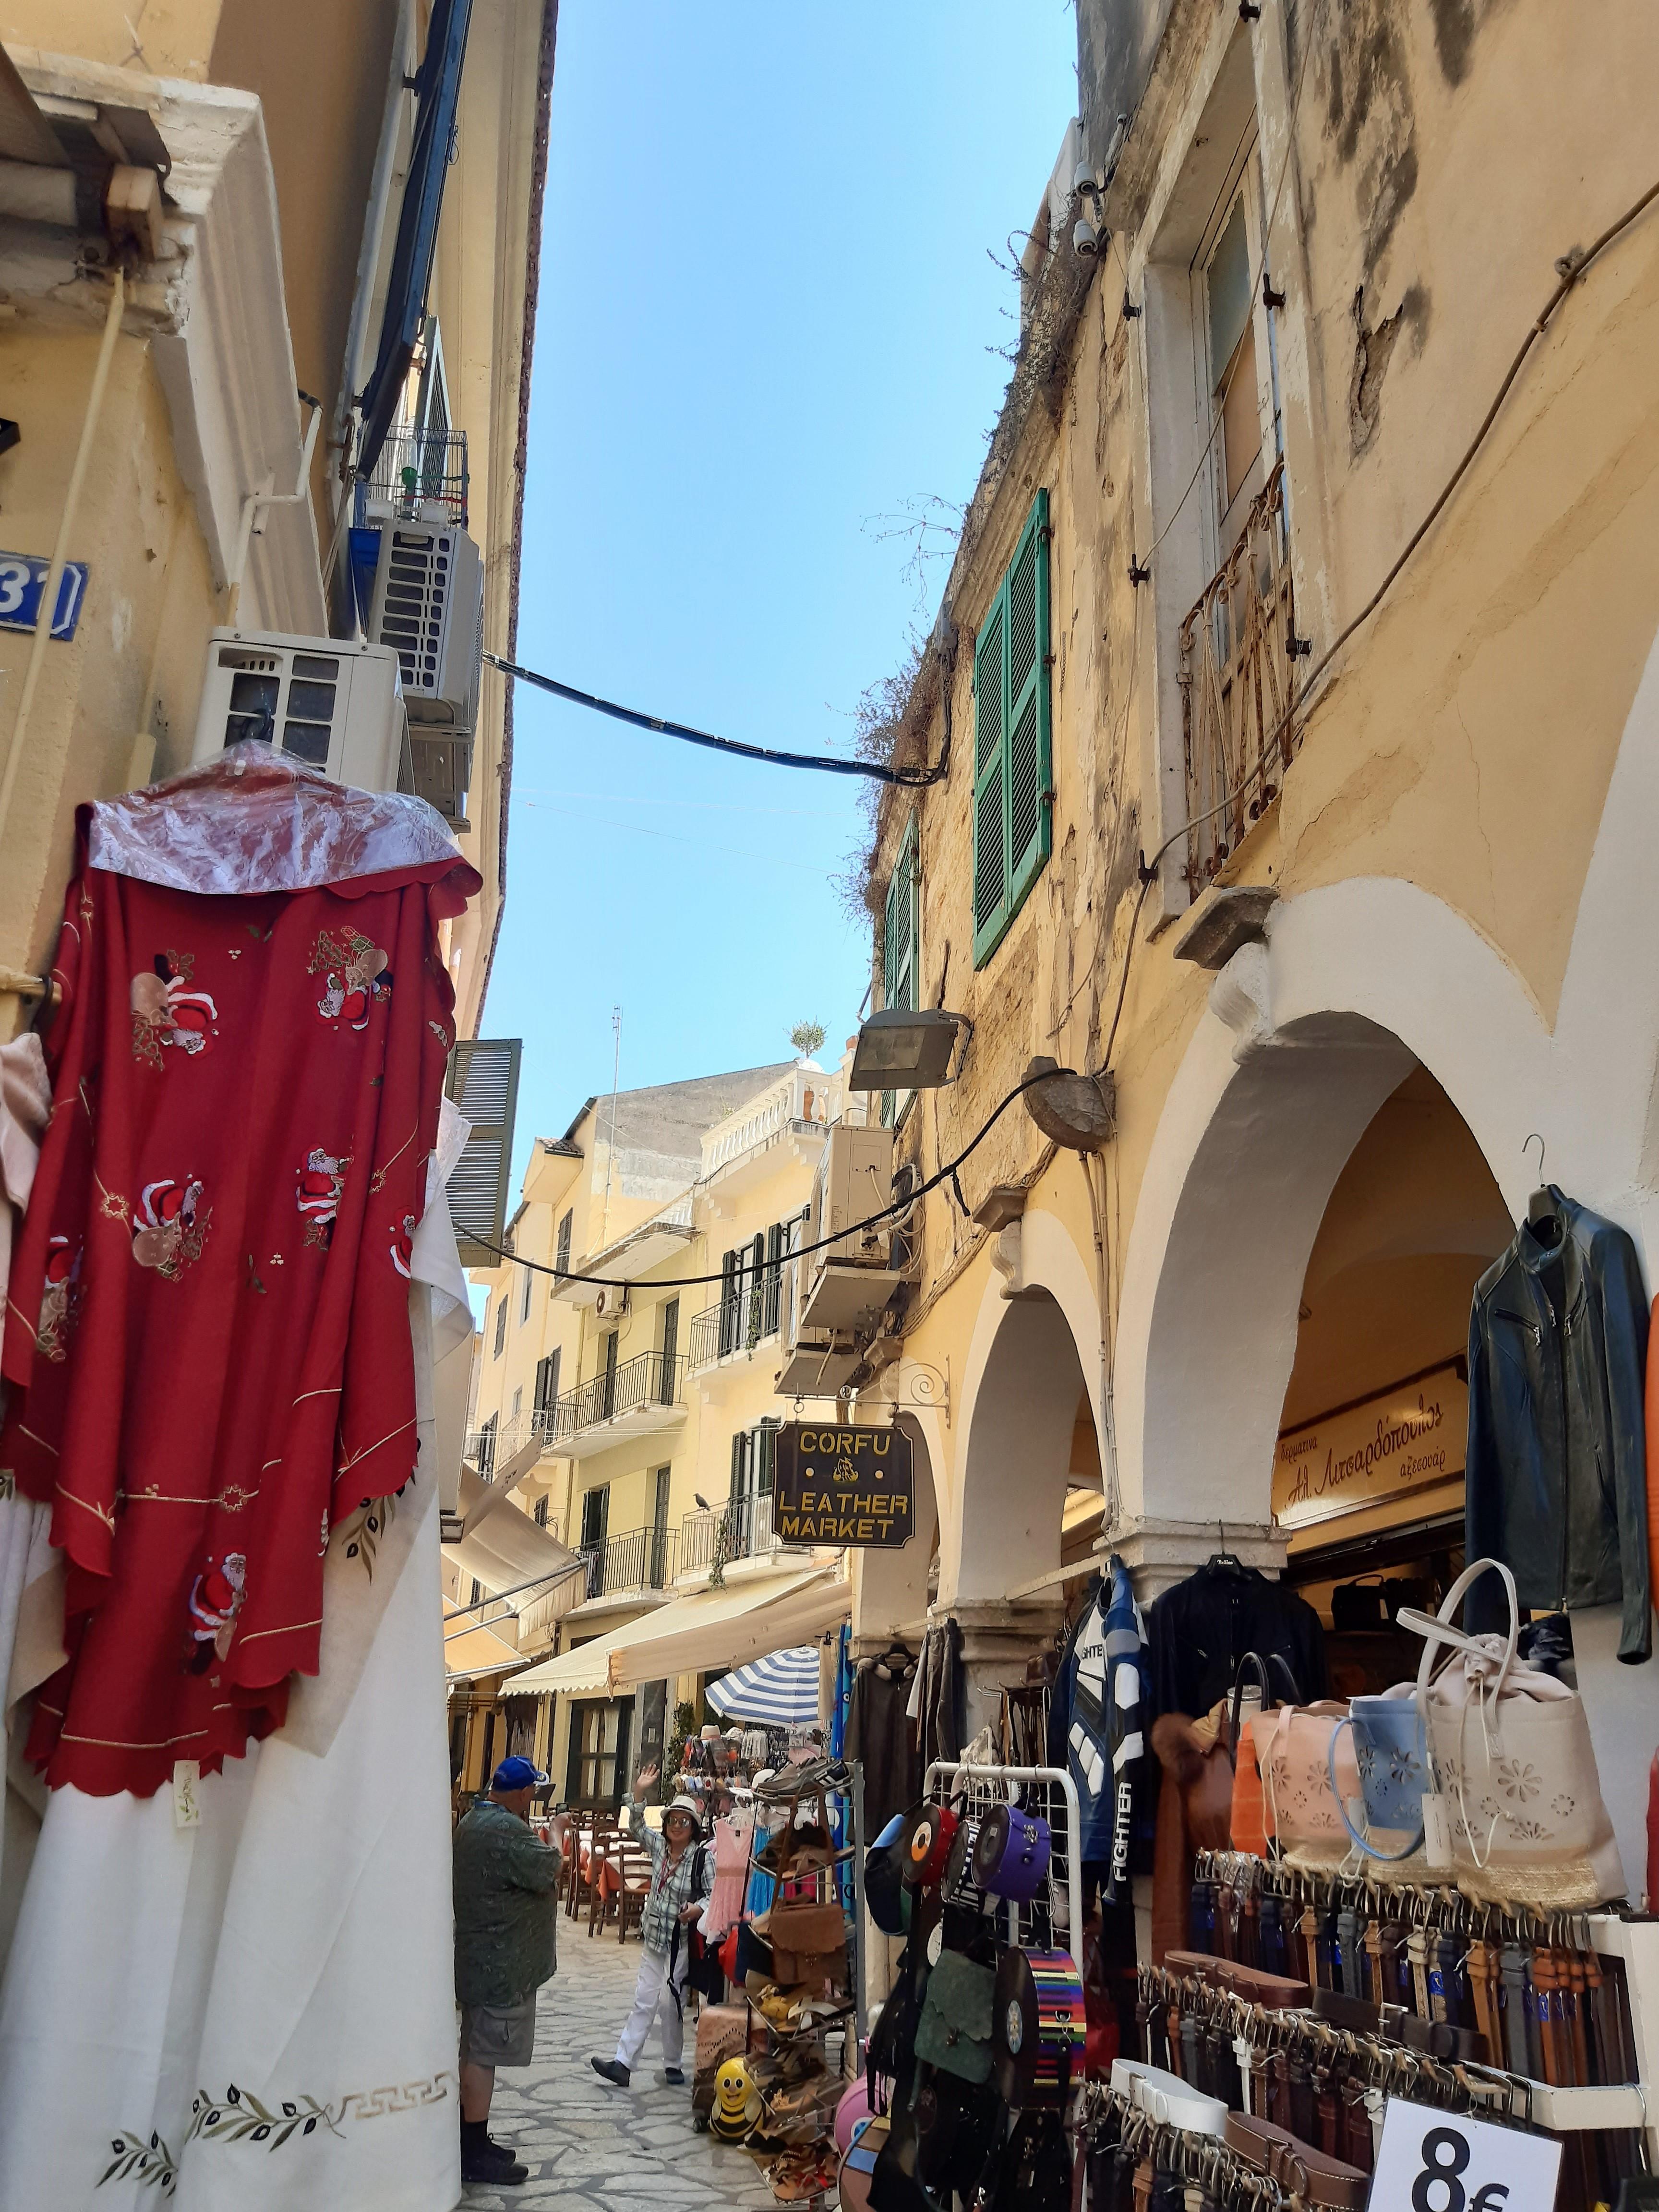 Spaziergang durch Korfu-Stadt während unserer Kreuzfahrt durch die Adria